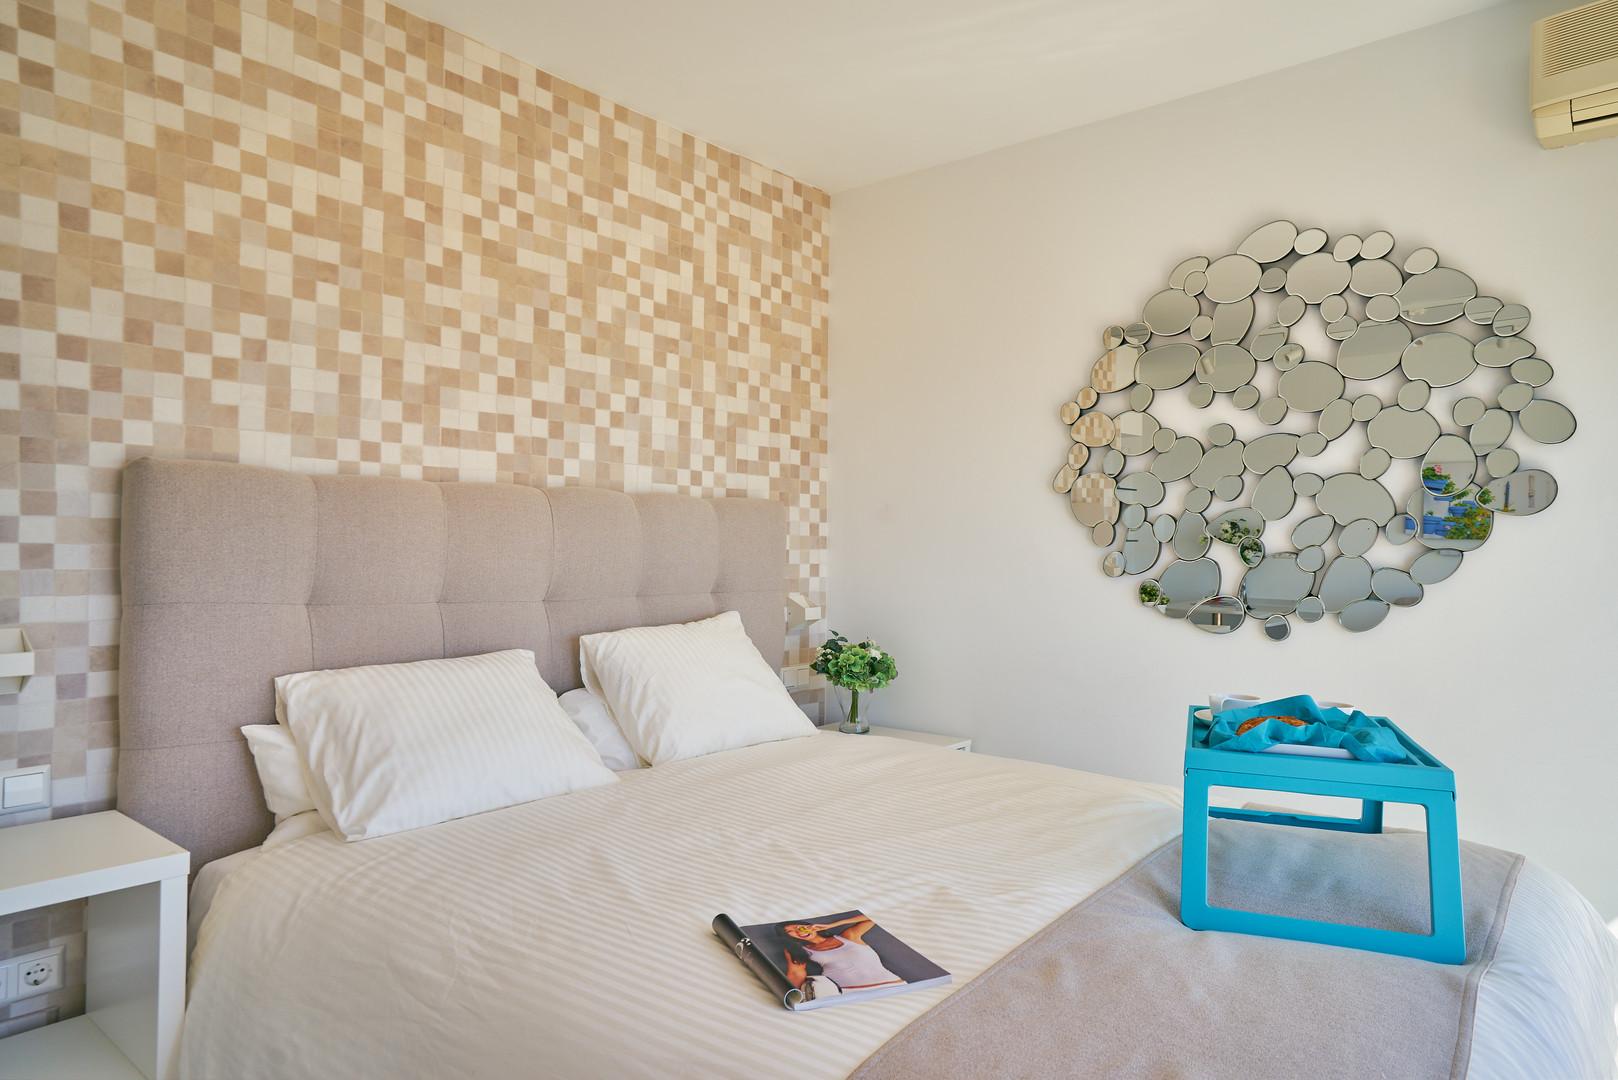 210 bed with tray romana playa.jpg